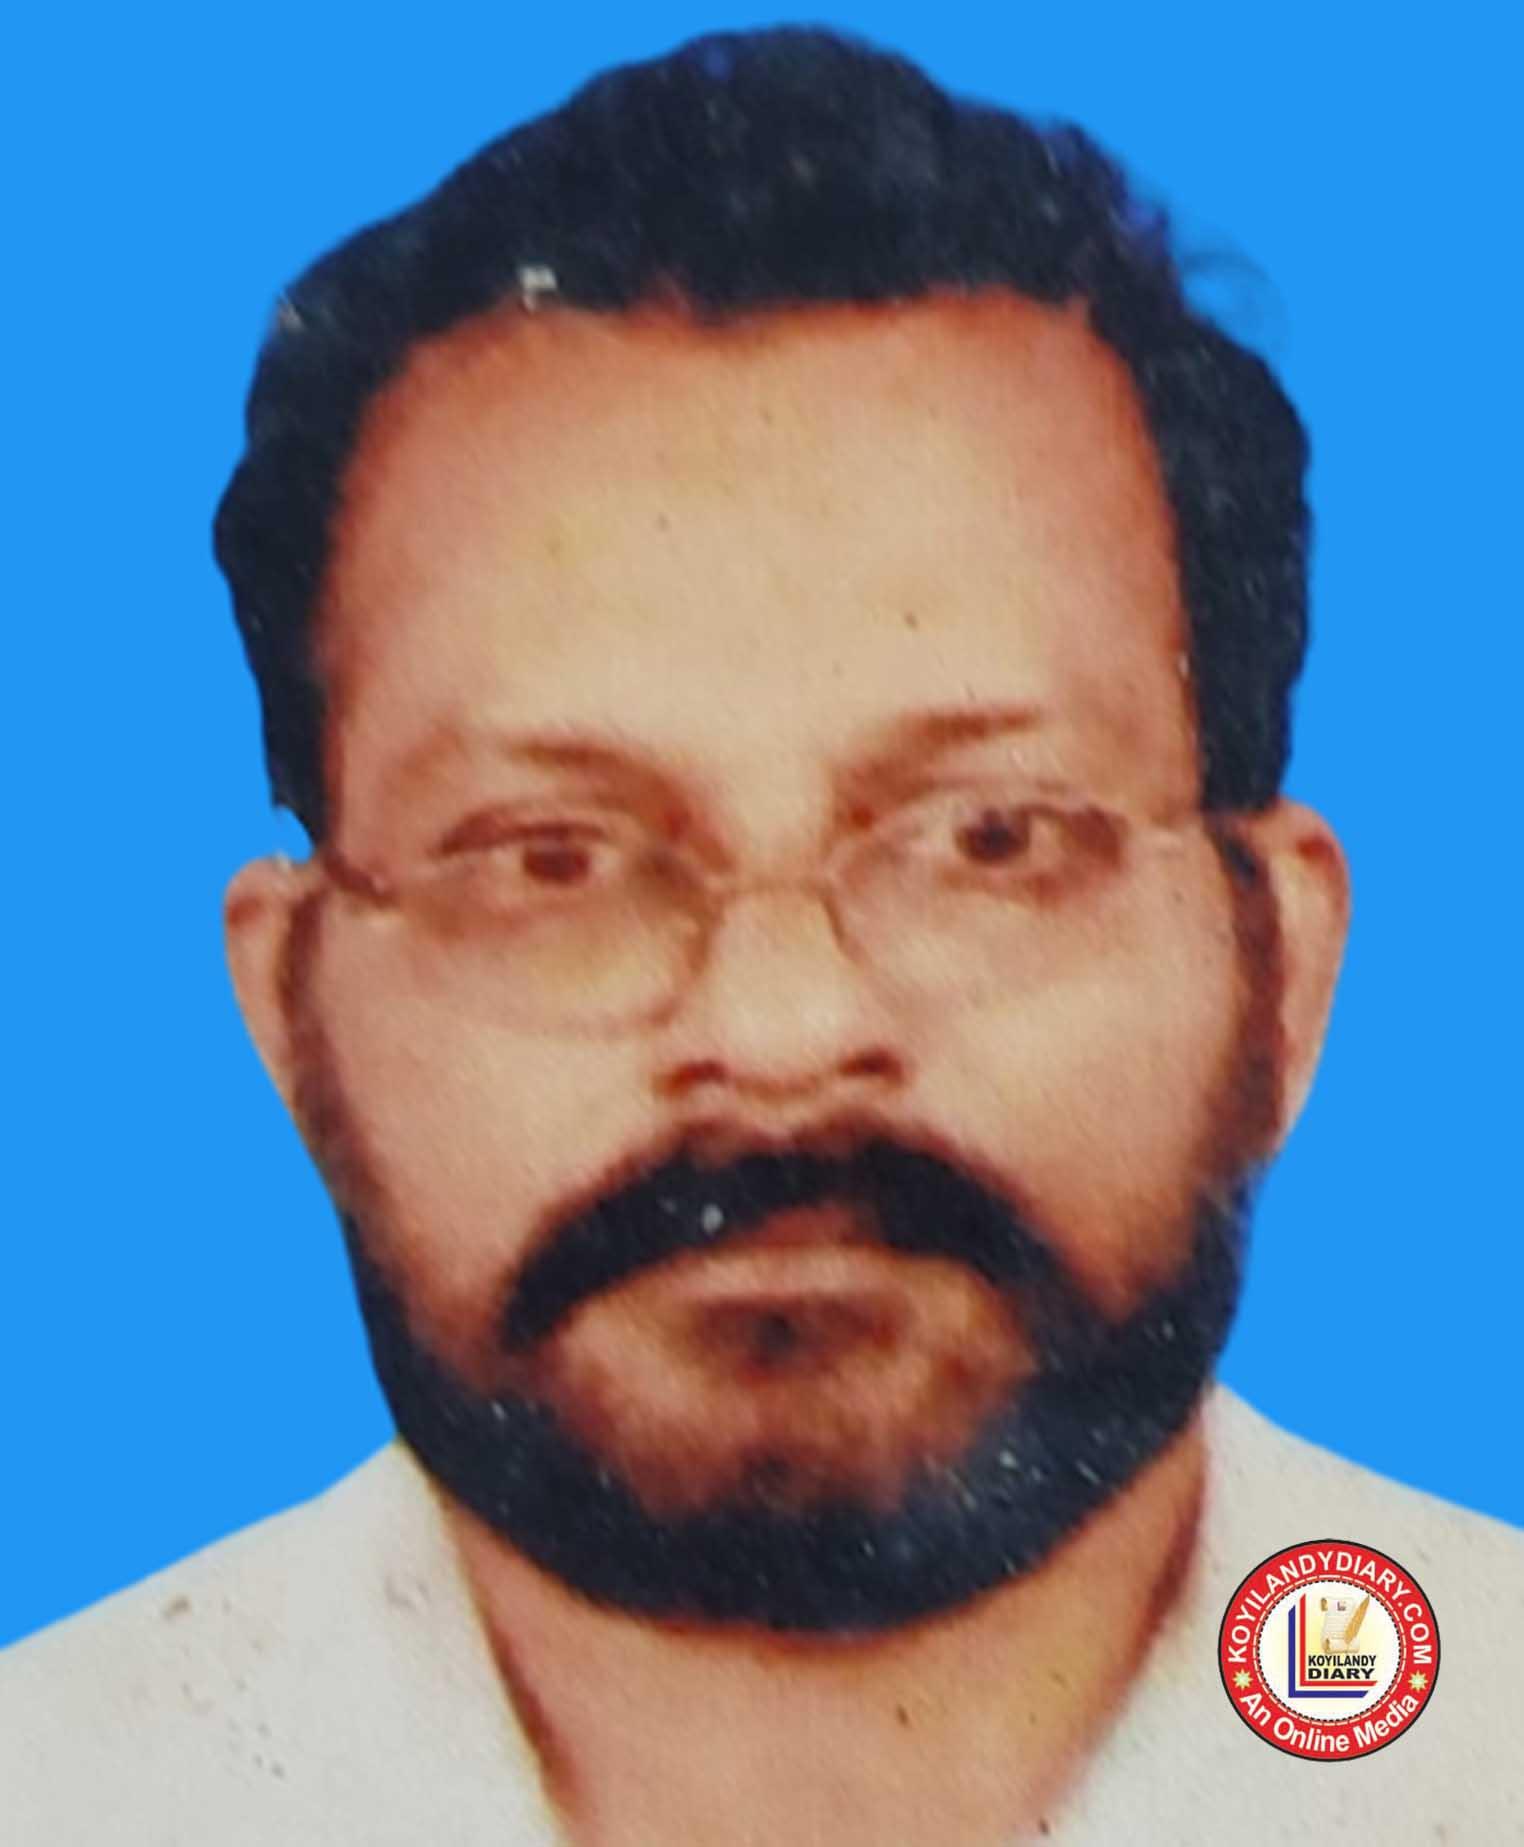 പൂക്കാട് തെക്കെലാട്ട് സുകുമാരൻ (73)